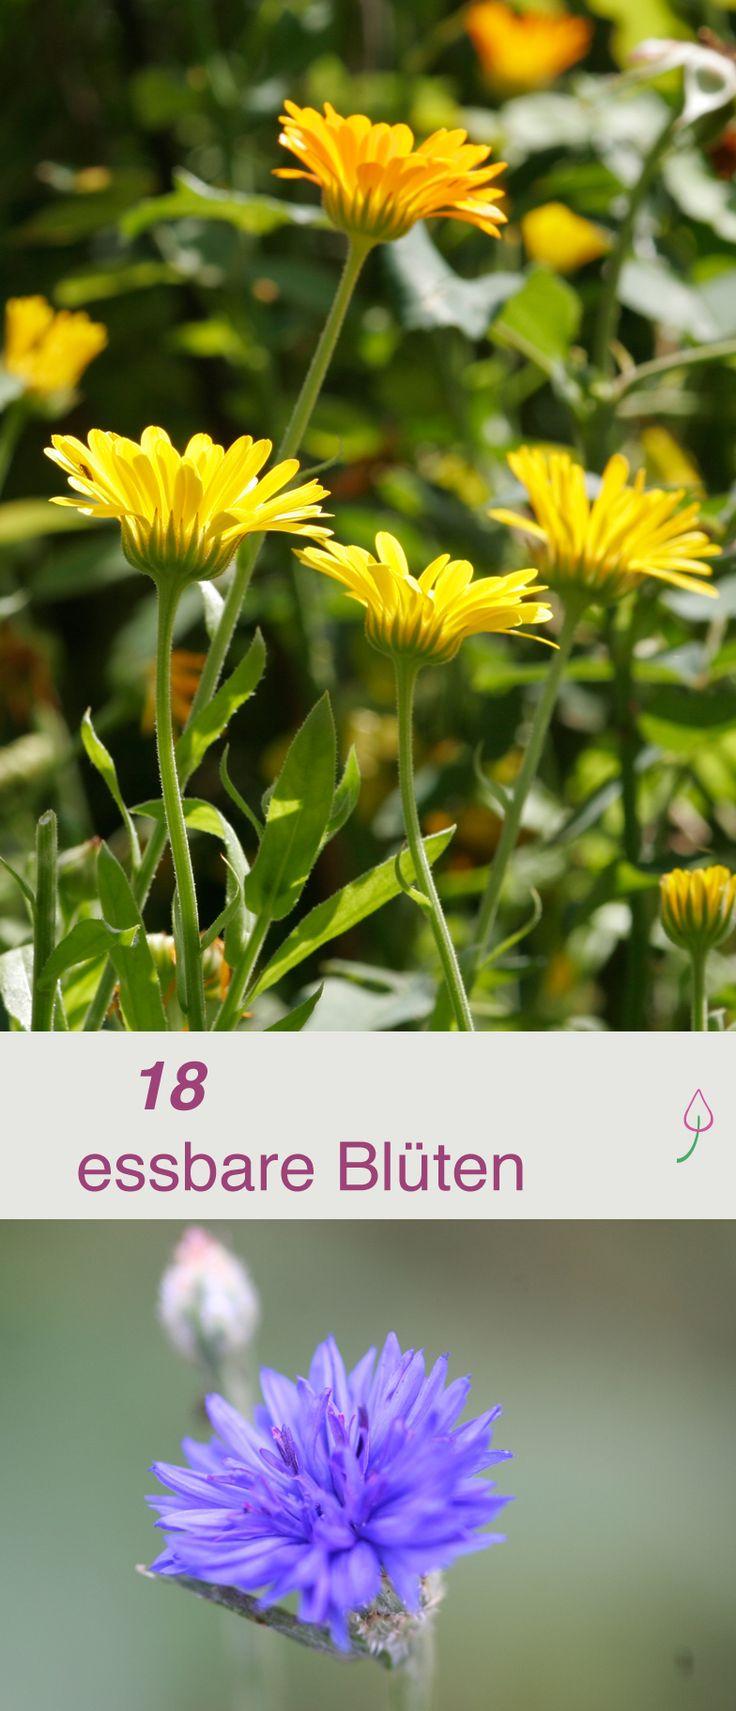 Die 18 besten essbaren Blüten und wie du sie verwenden kannst.